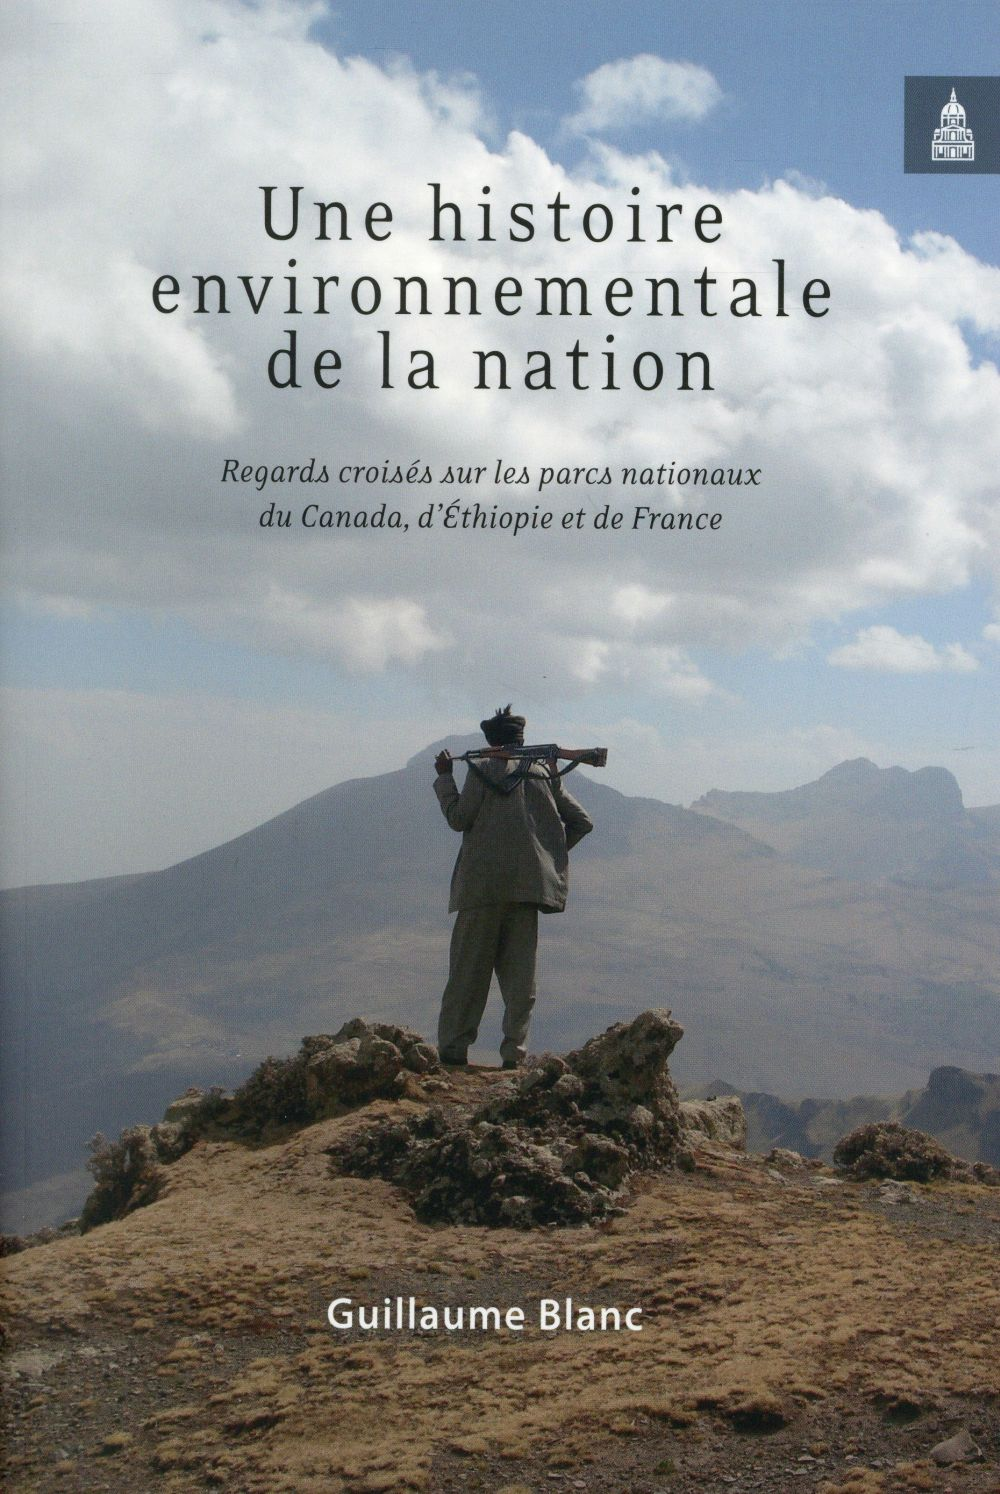 Une histoire environnementale de la nation ; regards croisés sur les parcs nationaux du Canada, d'Ethiopie et de France